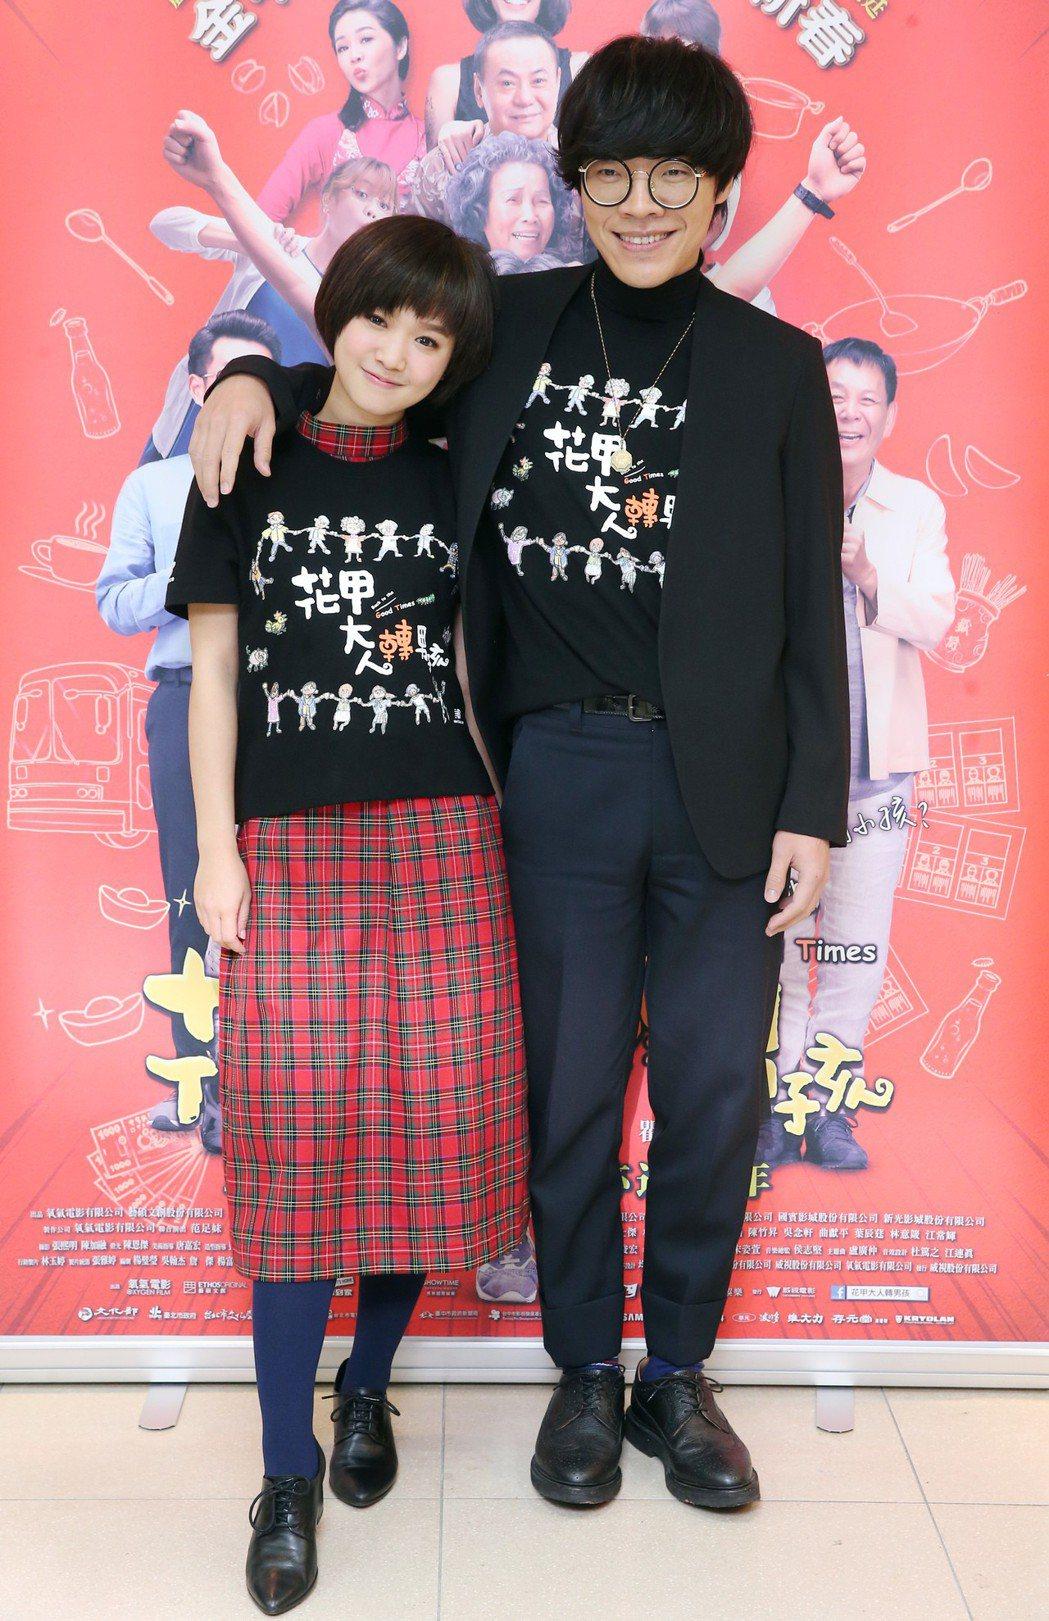 電影《花甲大人轉男孩》主要演員盧廣仲(右)、嚴正嵐(左)接受媒體聯訪宣傳新戲。記...